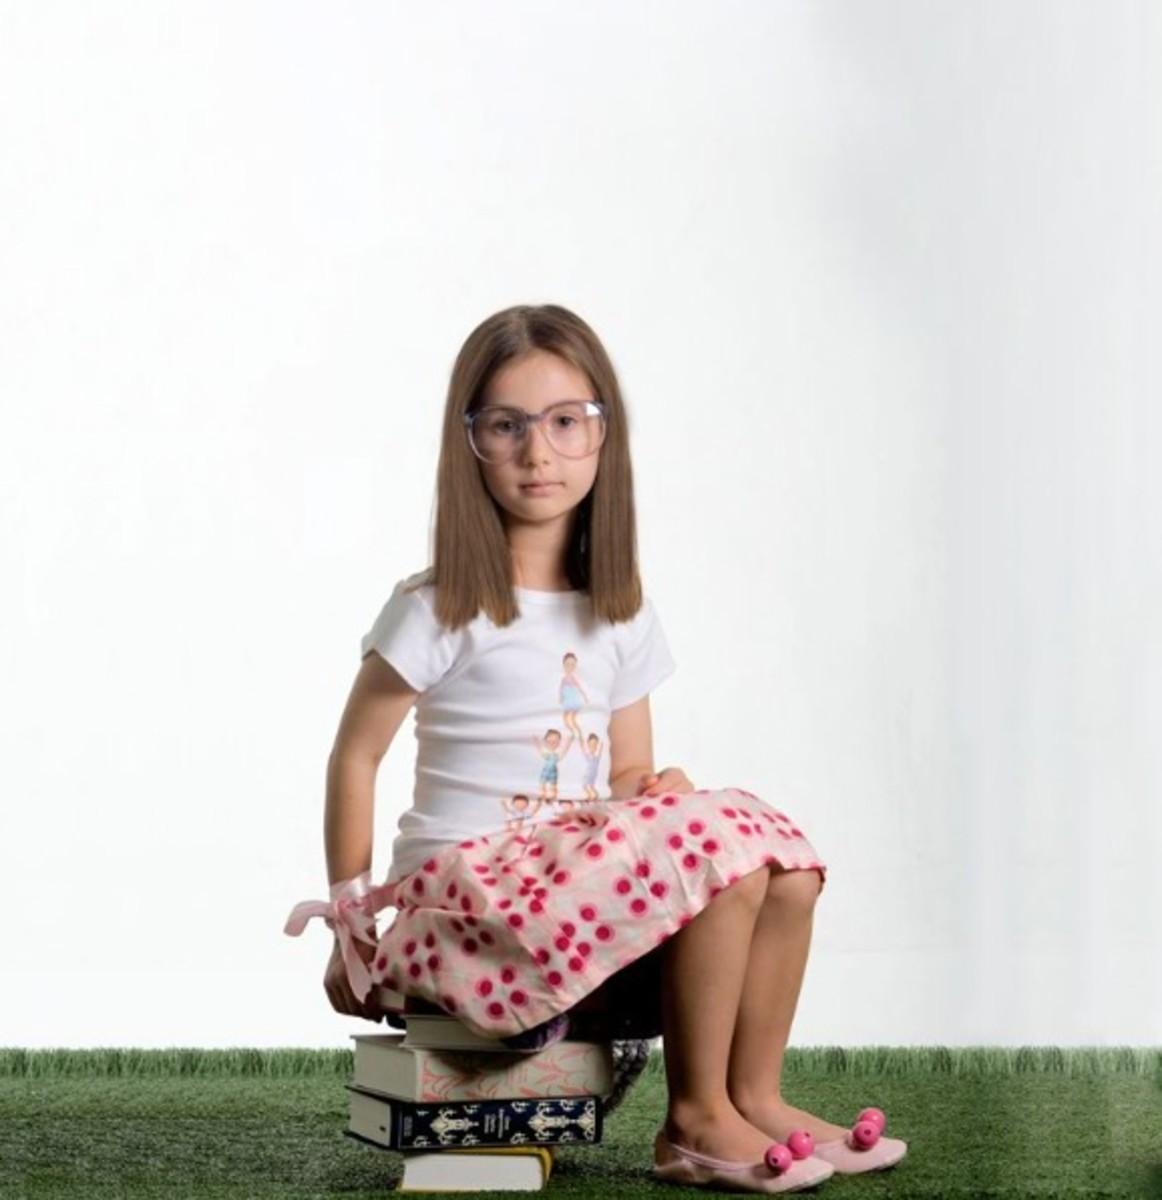 Intelligent school kids get bullied through jealousy